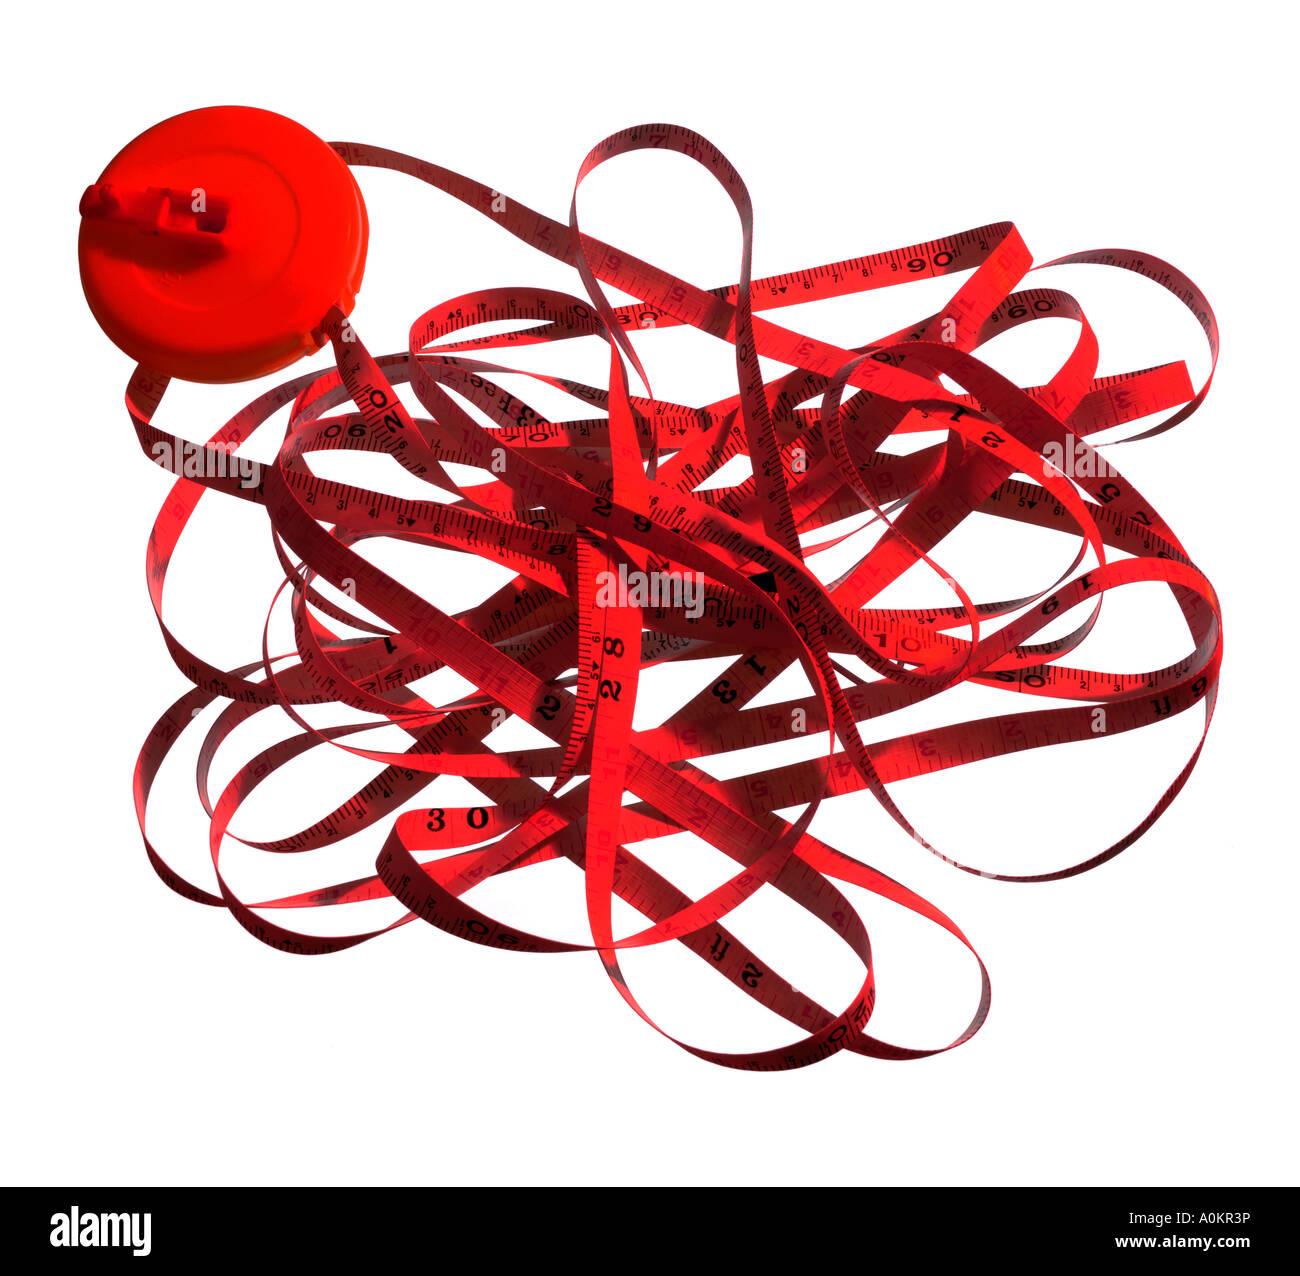 Cinta roja concepto o metáfora Imagen De Stock